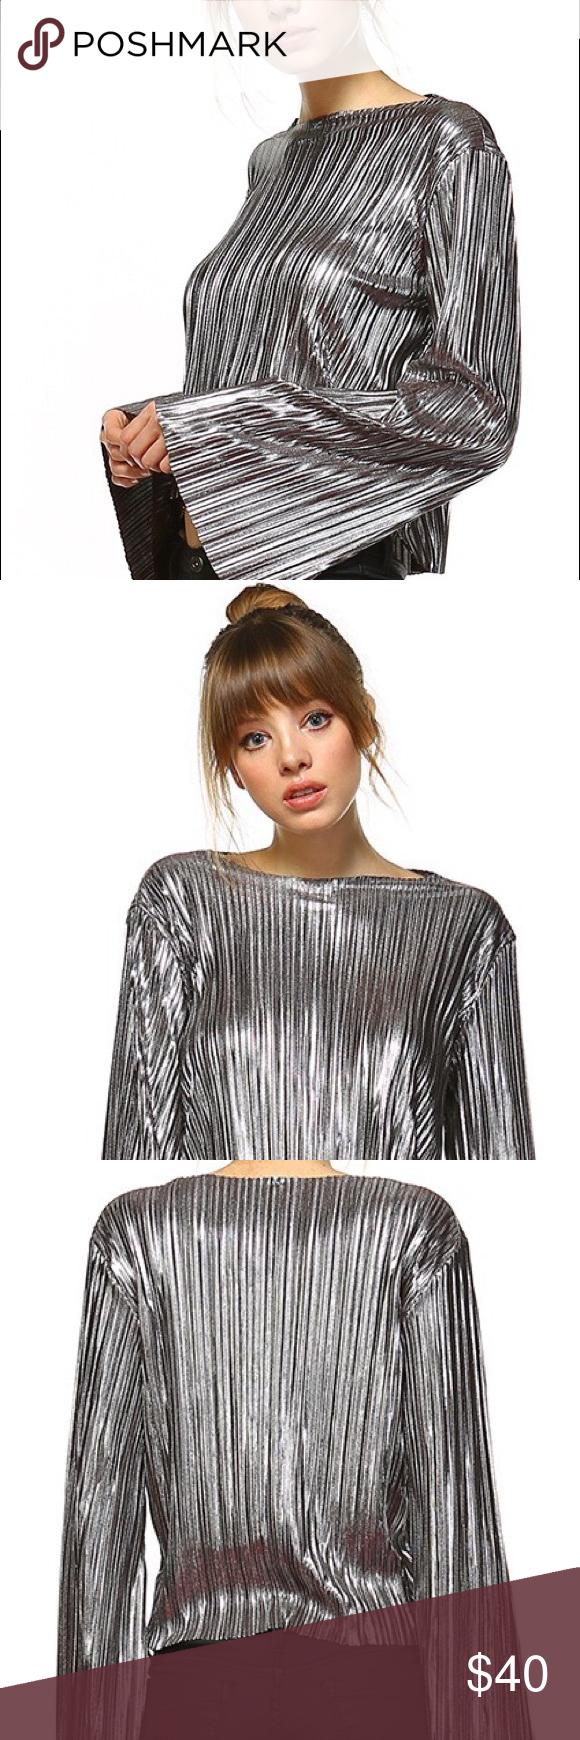 3b70d7e68d Silver Metallic Top Shirt Sequin Bell Sleeves Super Cute Premium Bell Sleeve  Silver Metallic Top.